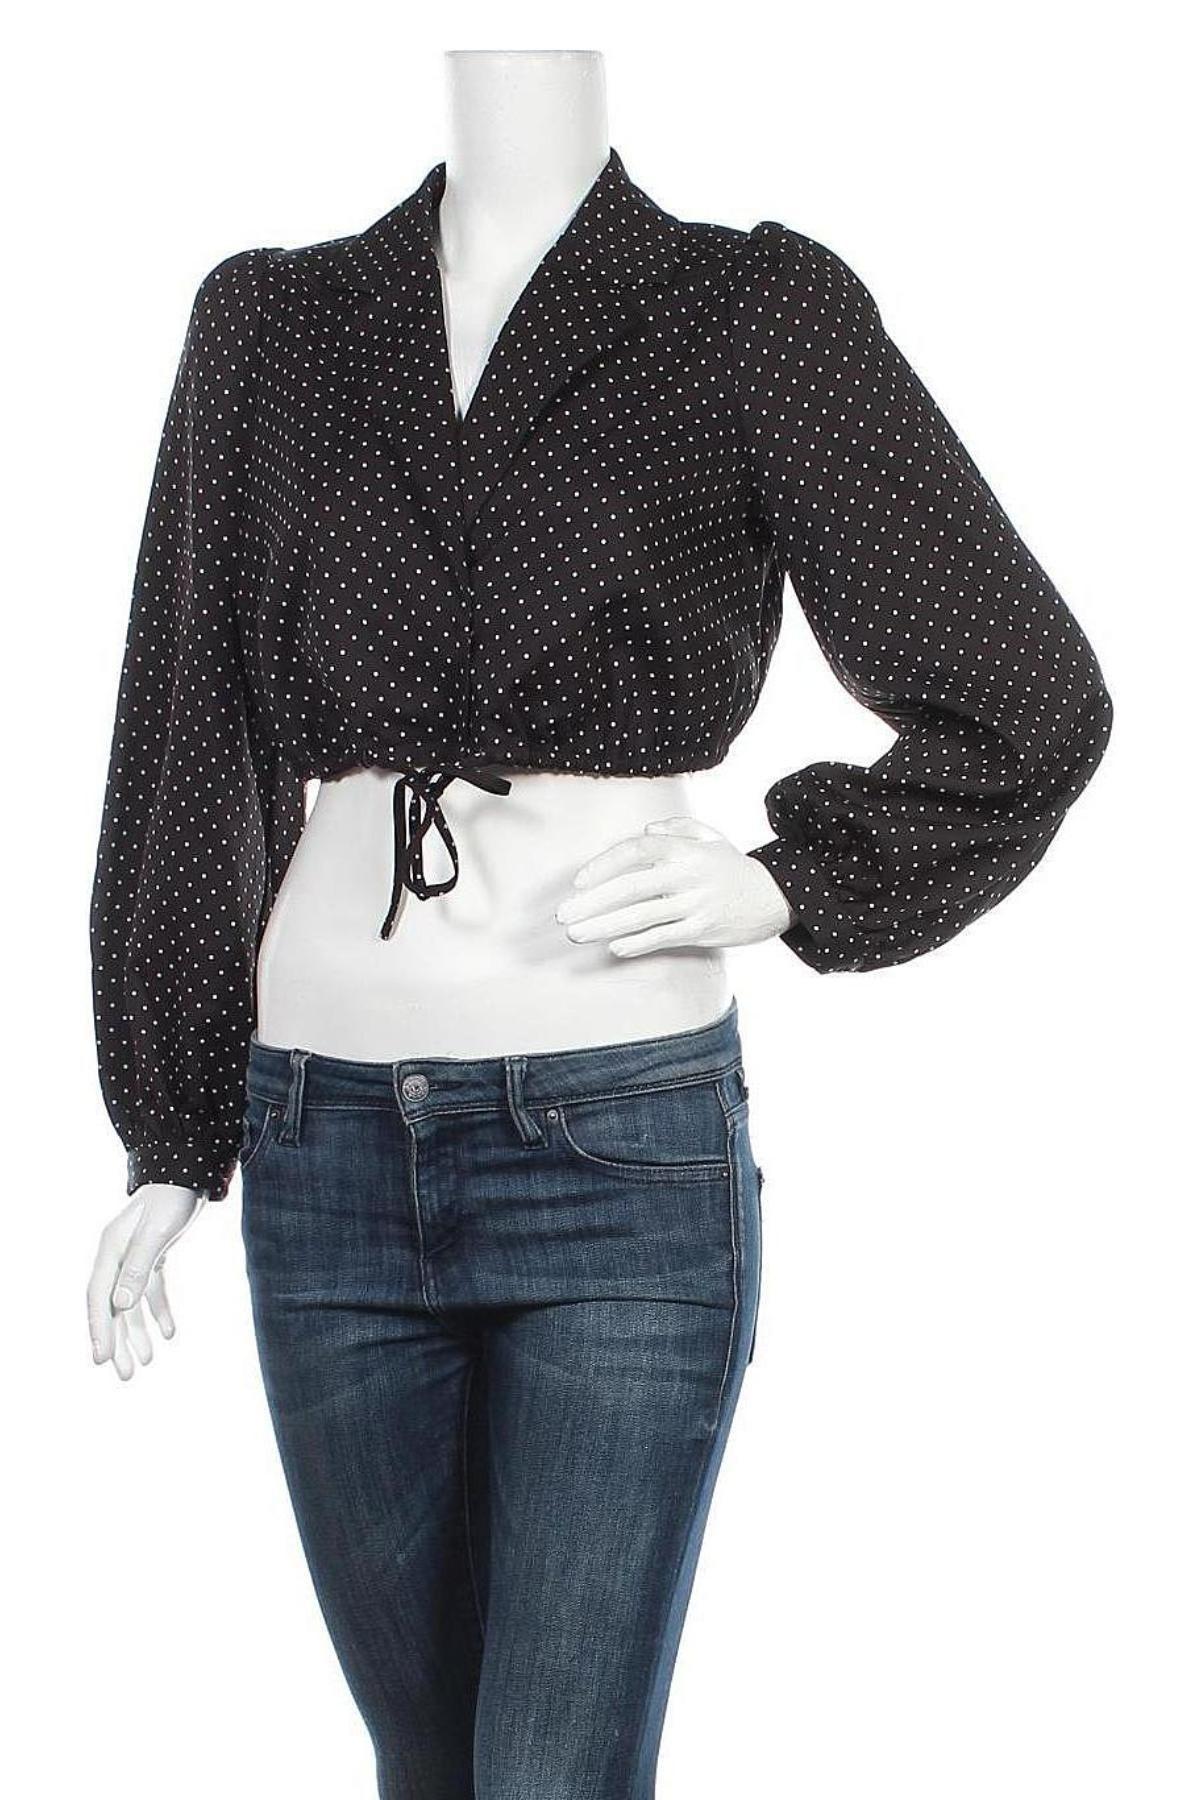 Γυναικείο μπουφάν Mossman, Μέγεθος S, Χρώμα Μαύρο, 97% πολυεστέρας, 3% ελαστάνη, Τιμή 84,67€